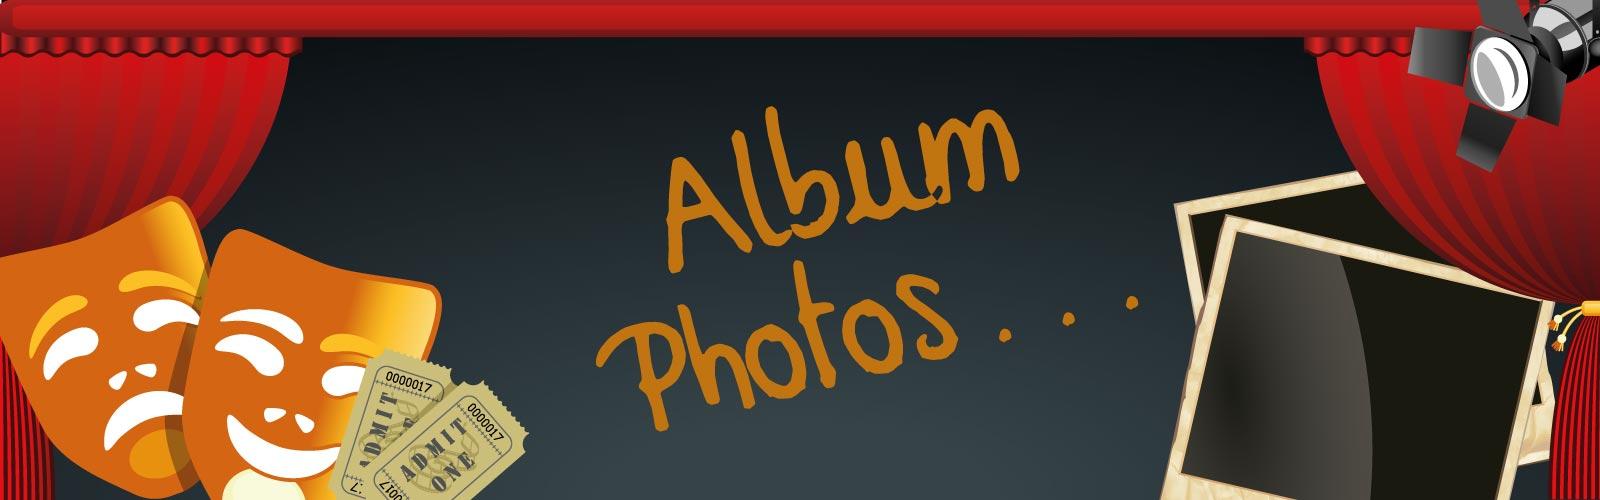 acces-album-photos-theatre